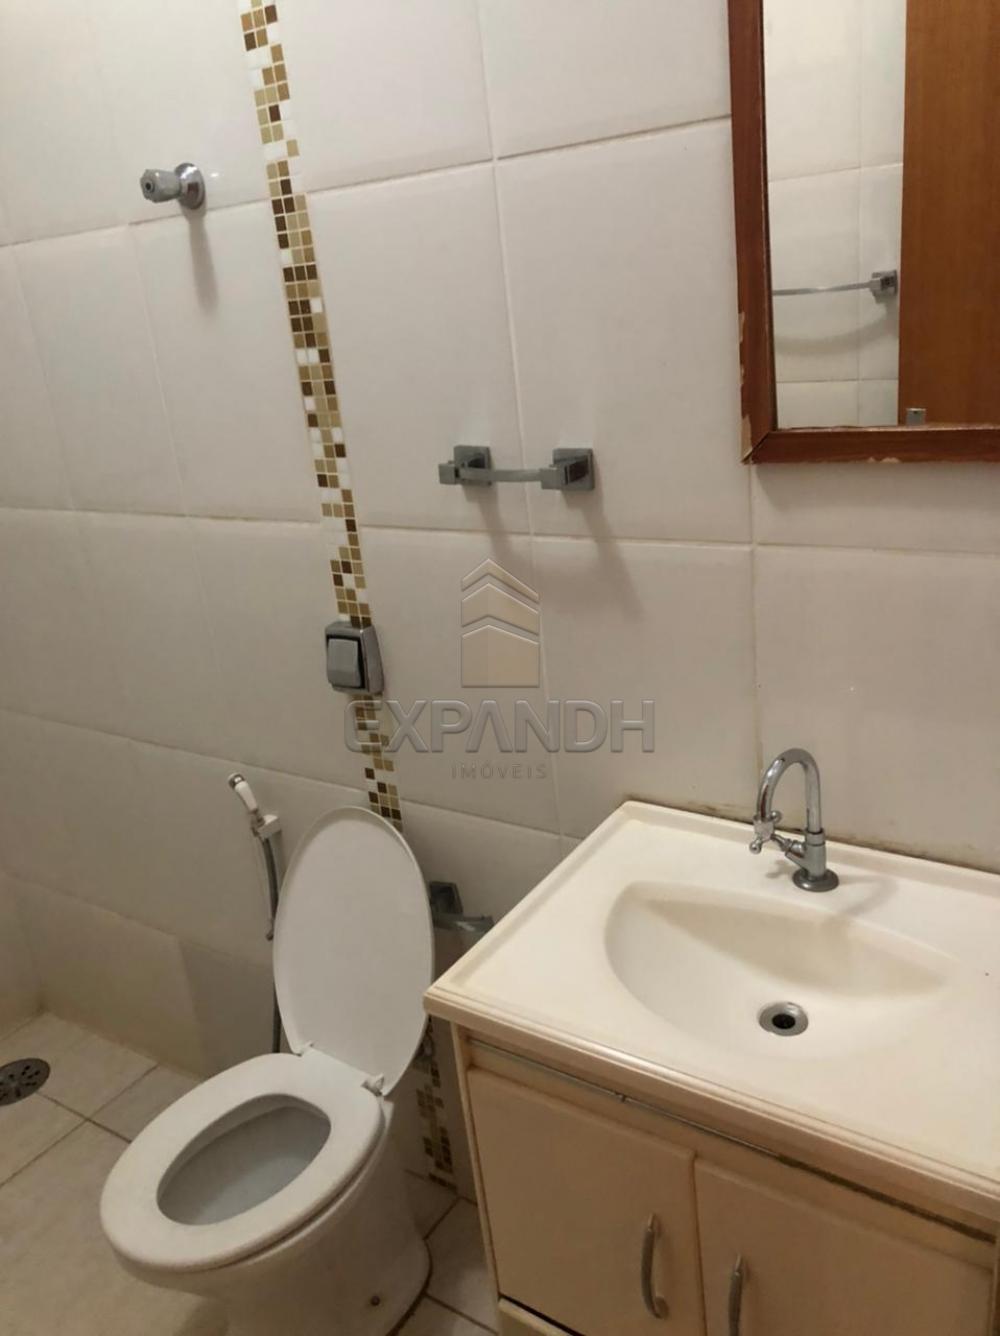 Alugar Casas / Padrão em Sertãozinho apenas R$ 1.500,00 - Foto 22